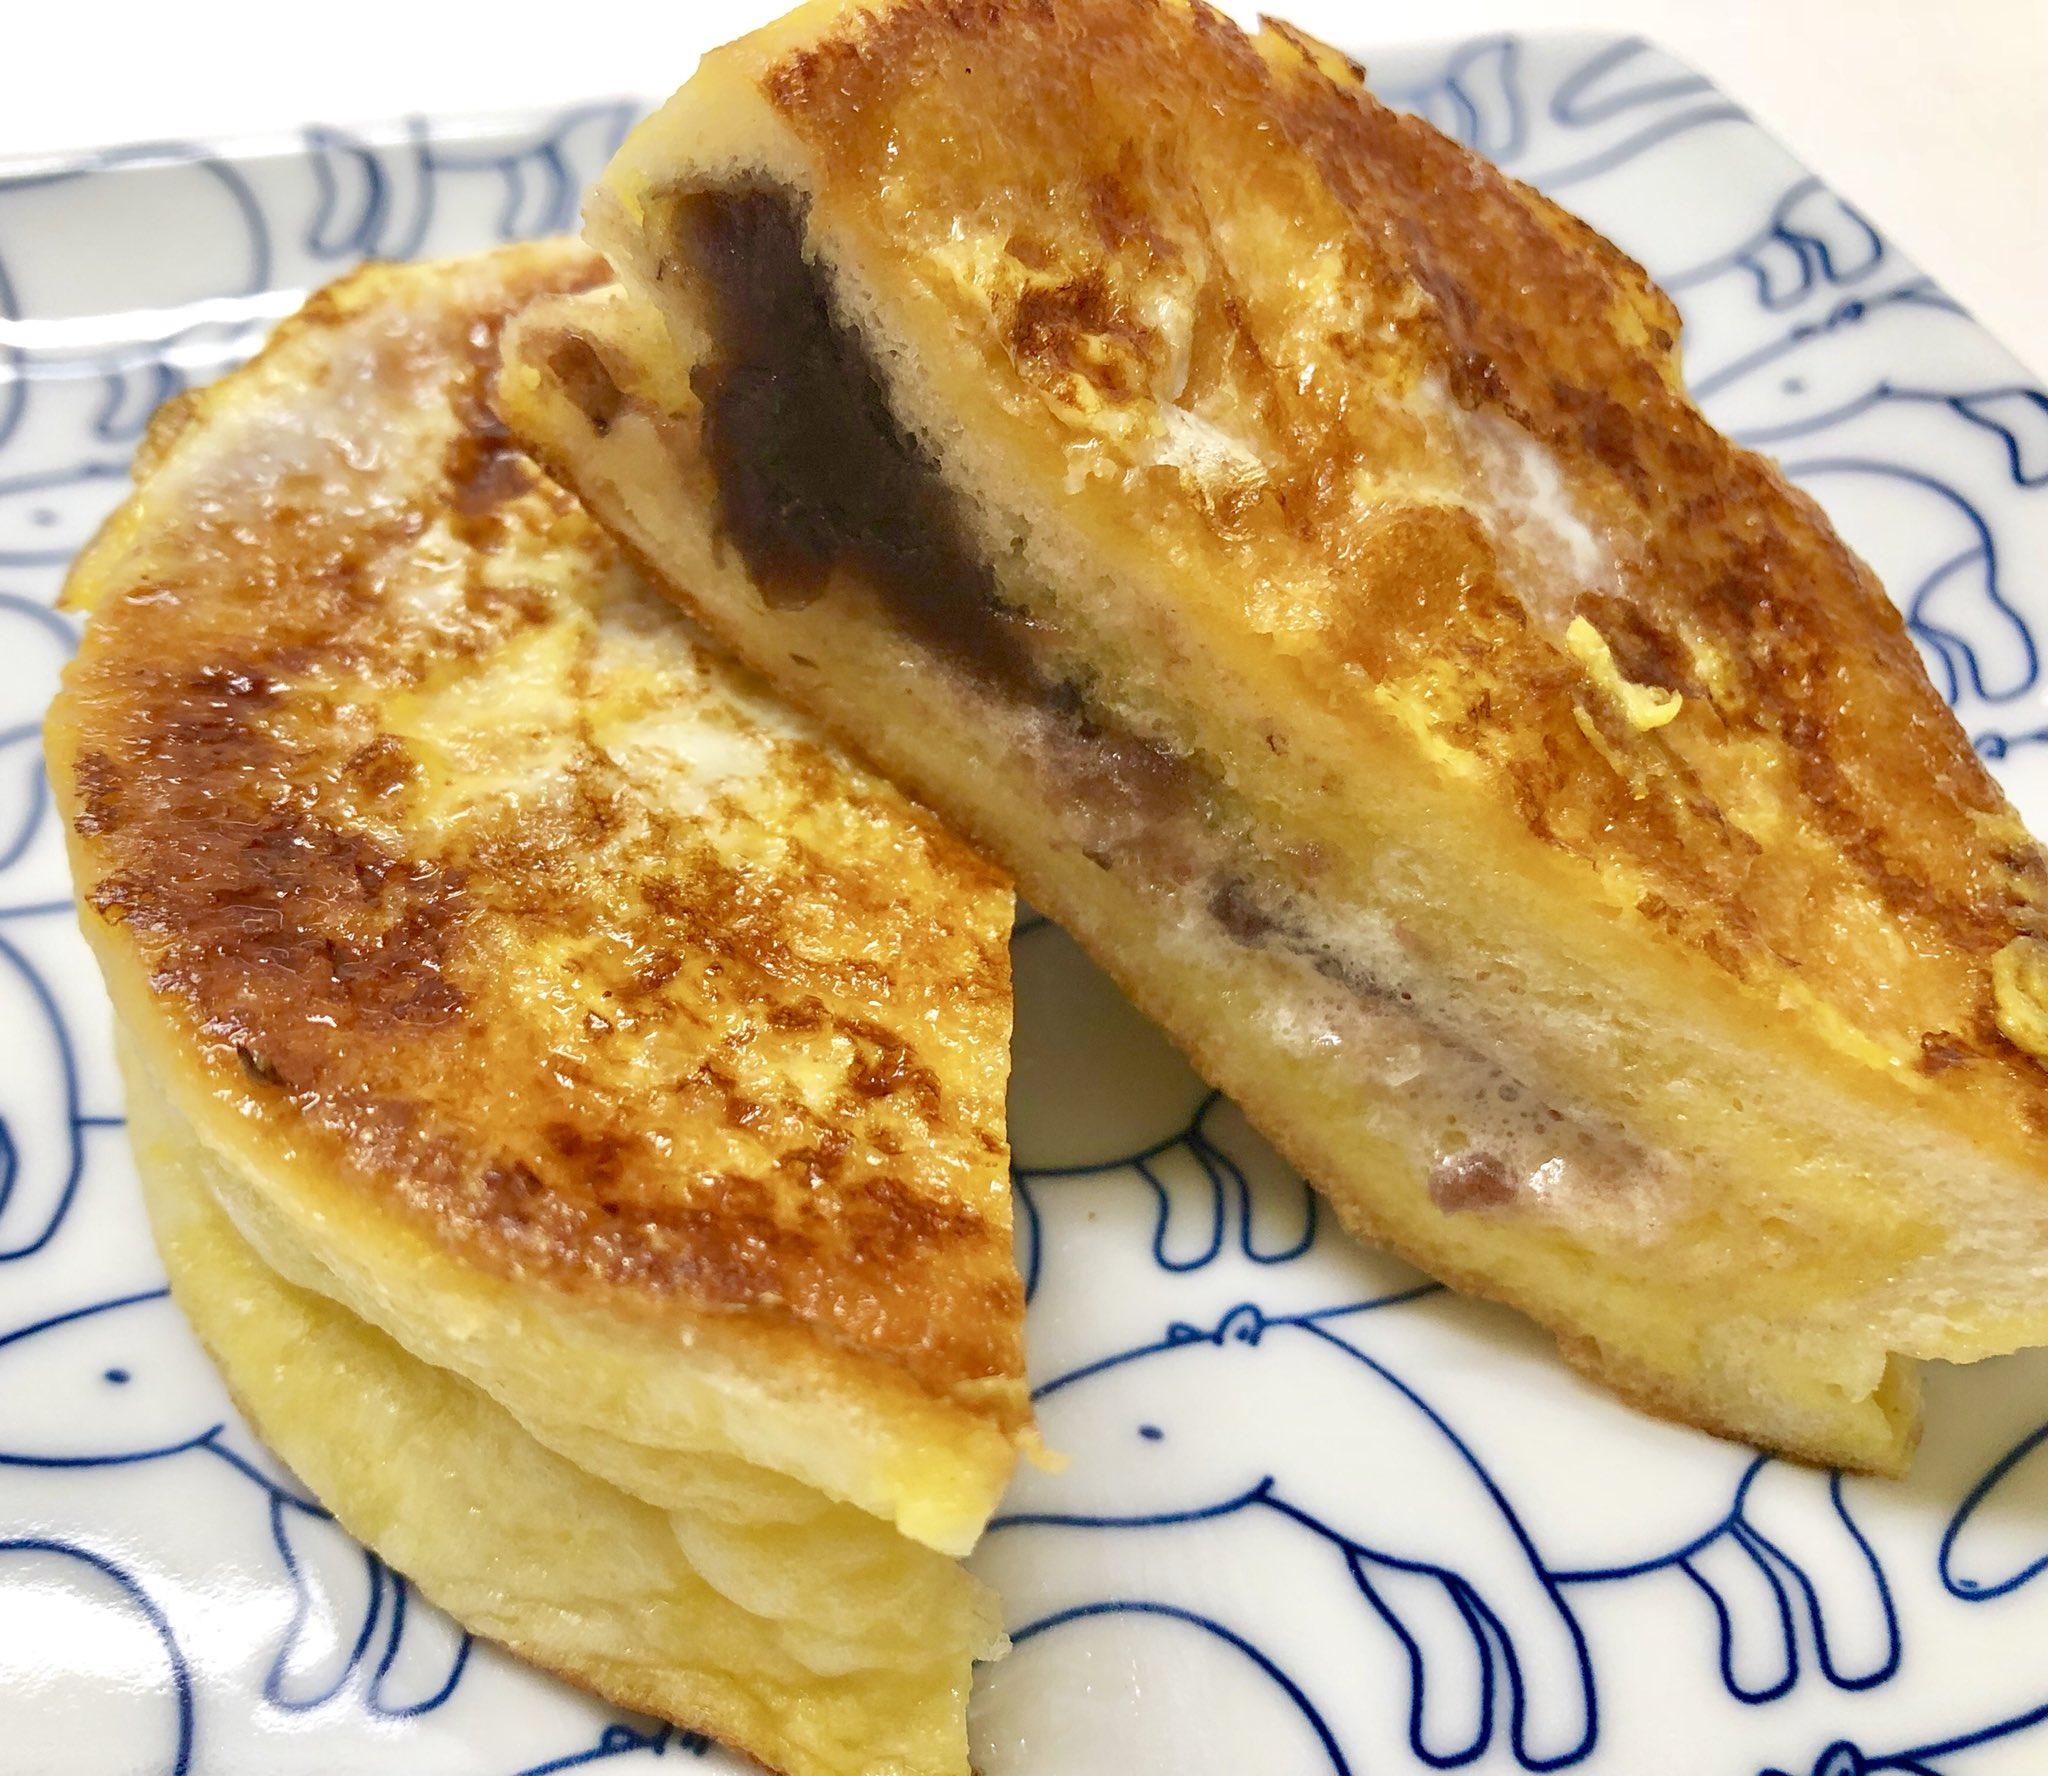 セブンイレブンの「まーるいつぶあん&マーガリン」のパンをさ ・卵1個 ・牛乳60cc ・砂糖小さじ2 の液に15分浸し両面焼いてみて! マーガリンがじゅわ〜〜〜って溶け出す、つぶあんフレンチトーストになるよ。めっちゃ元気になる味だよ。